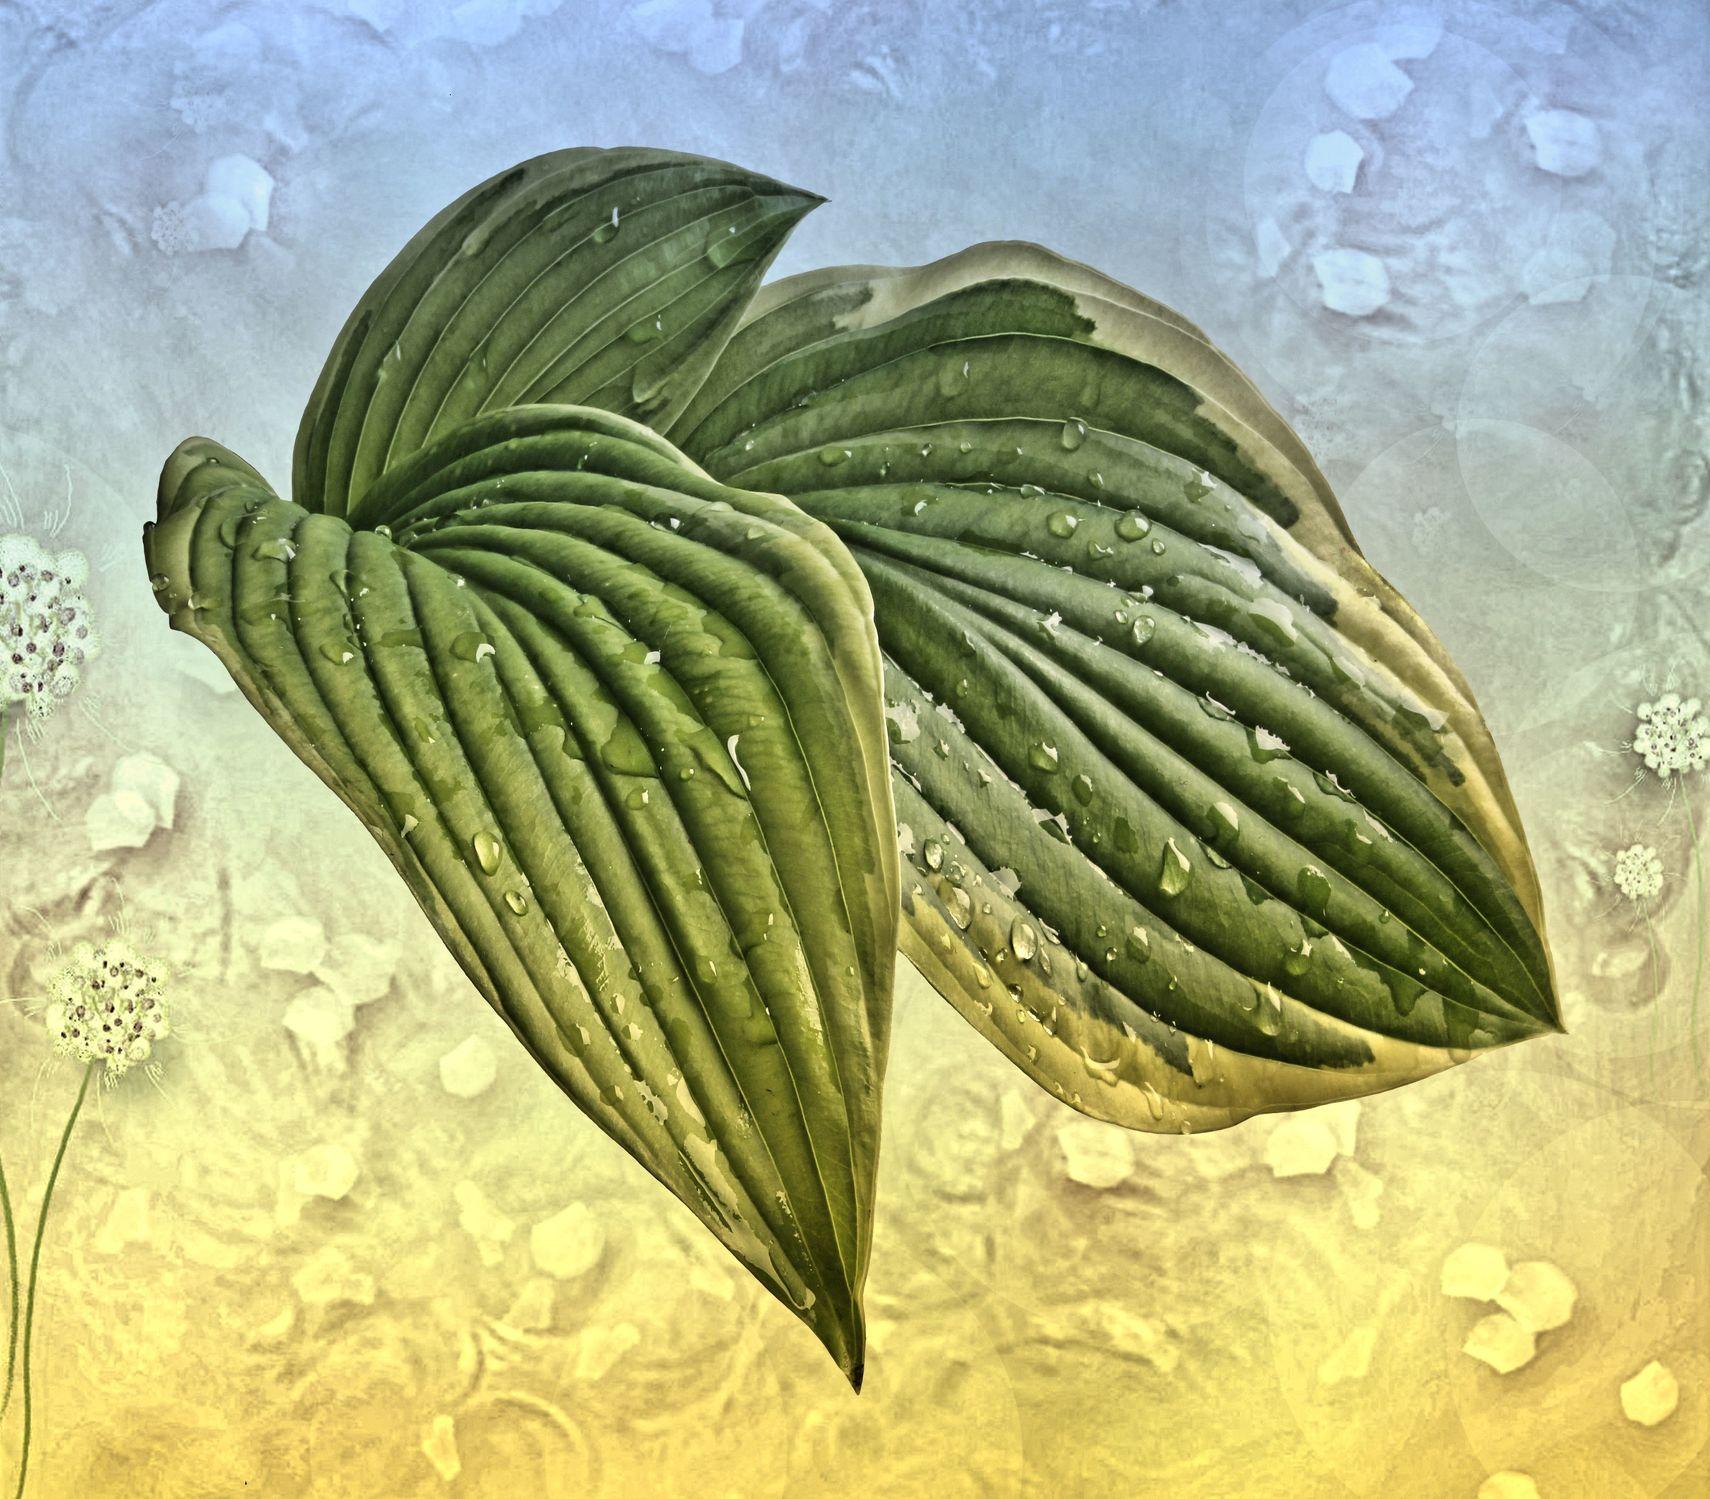 Bild mit Natur, Wasser, Pflanzen, Blätter, Pflanze, Blatt, Wassertropfen, Stilleben, Wellness, texture